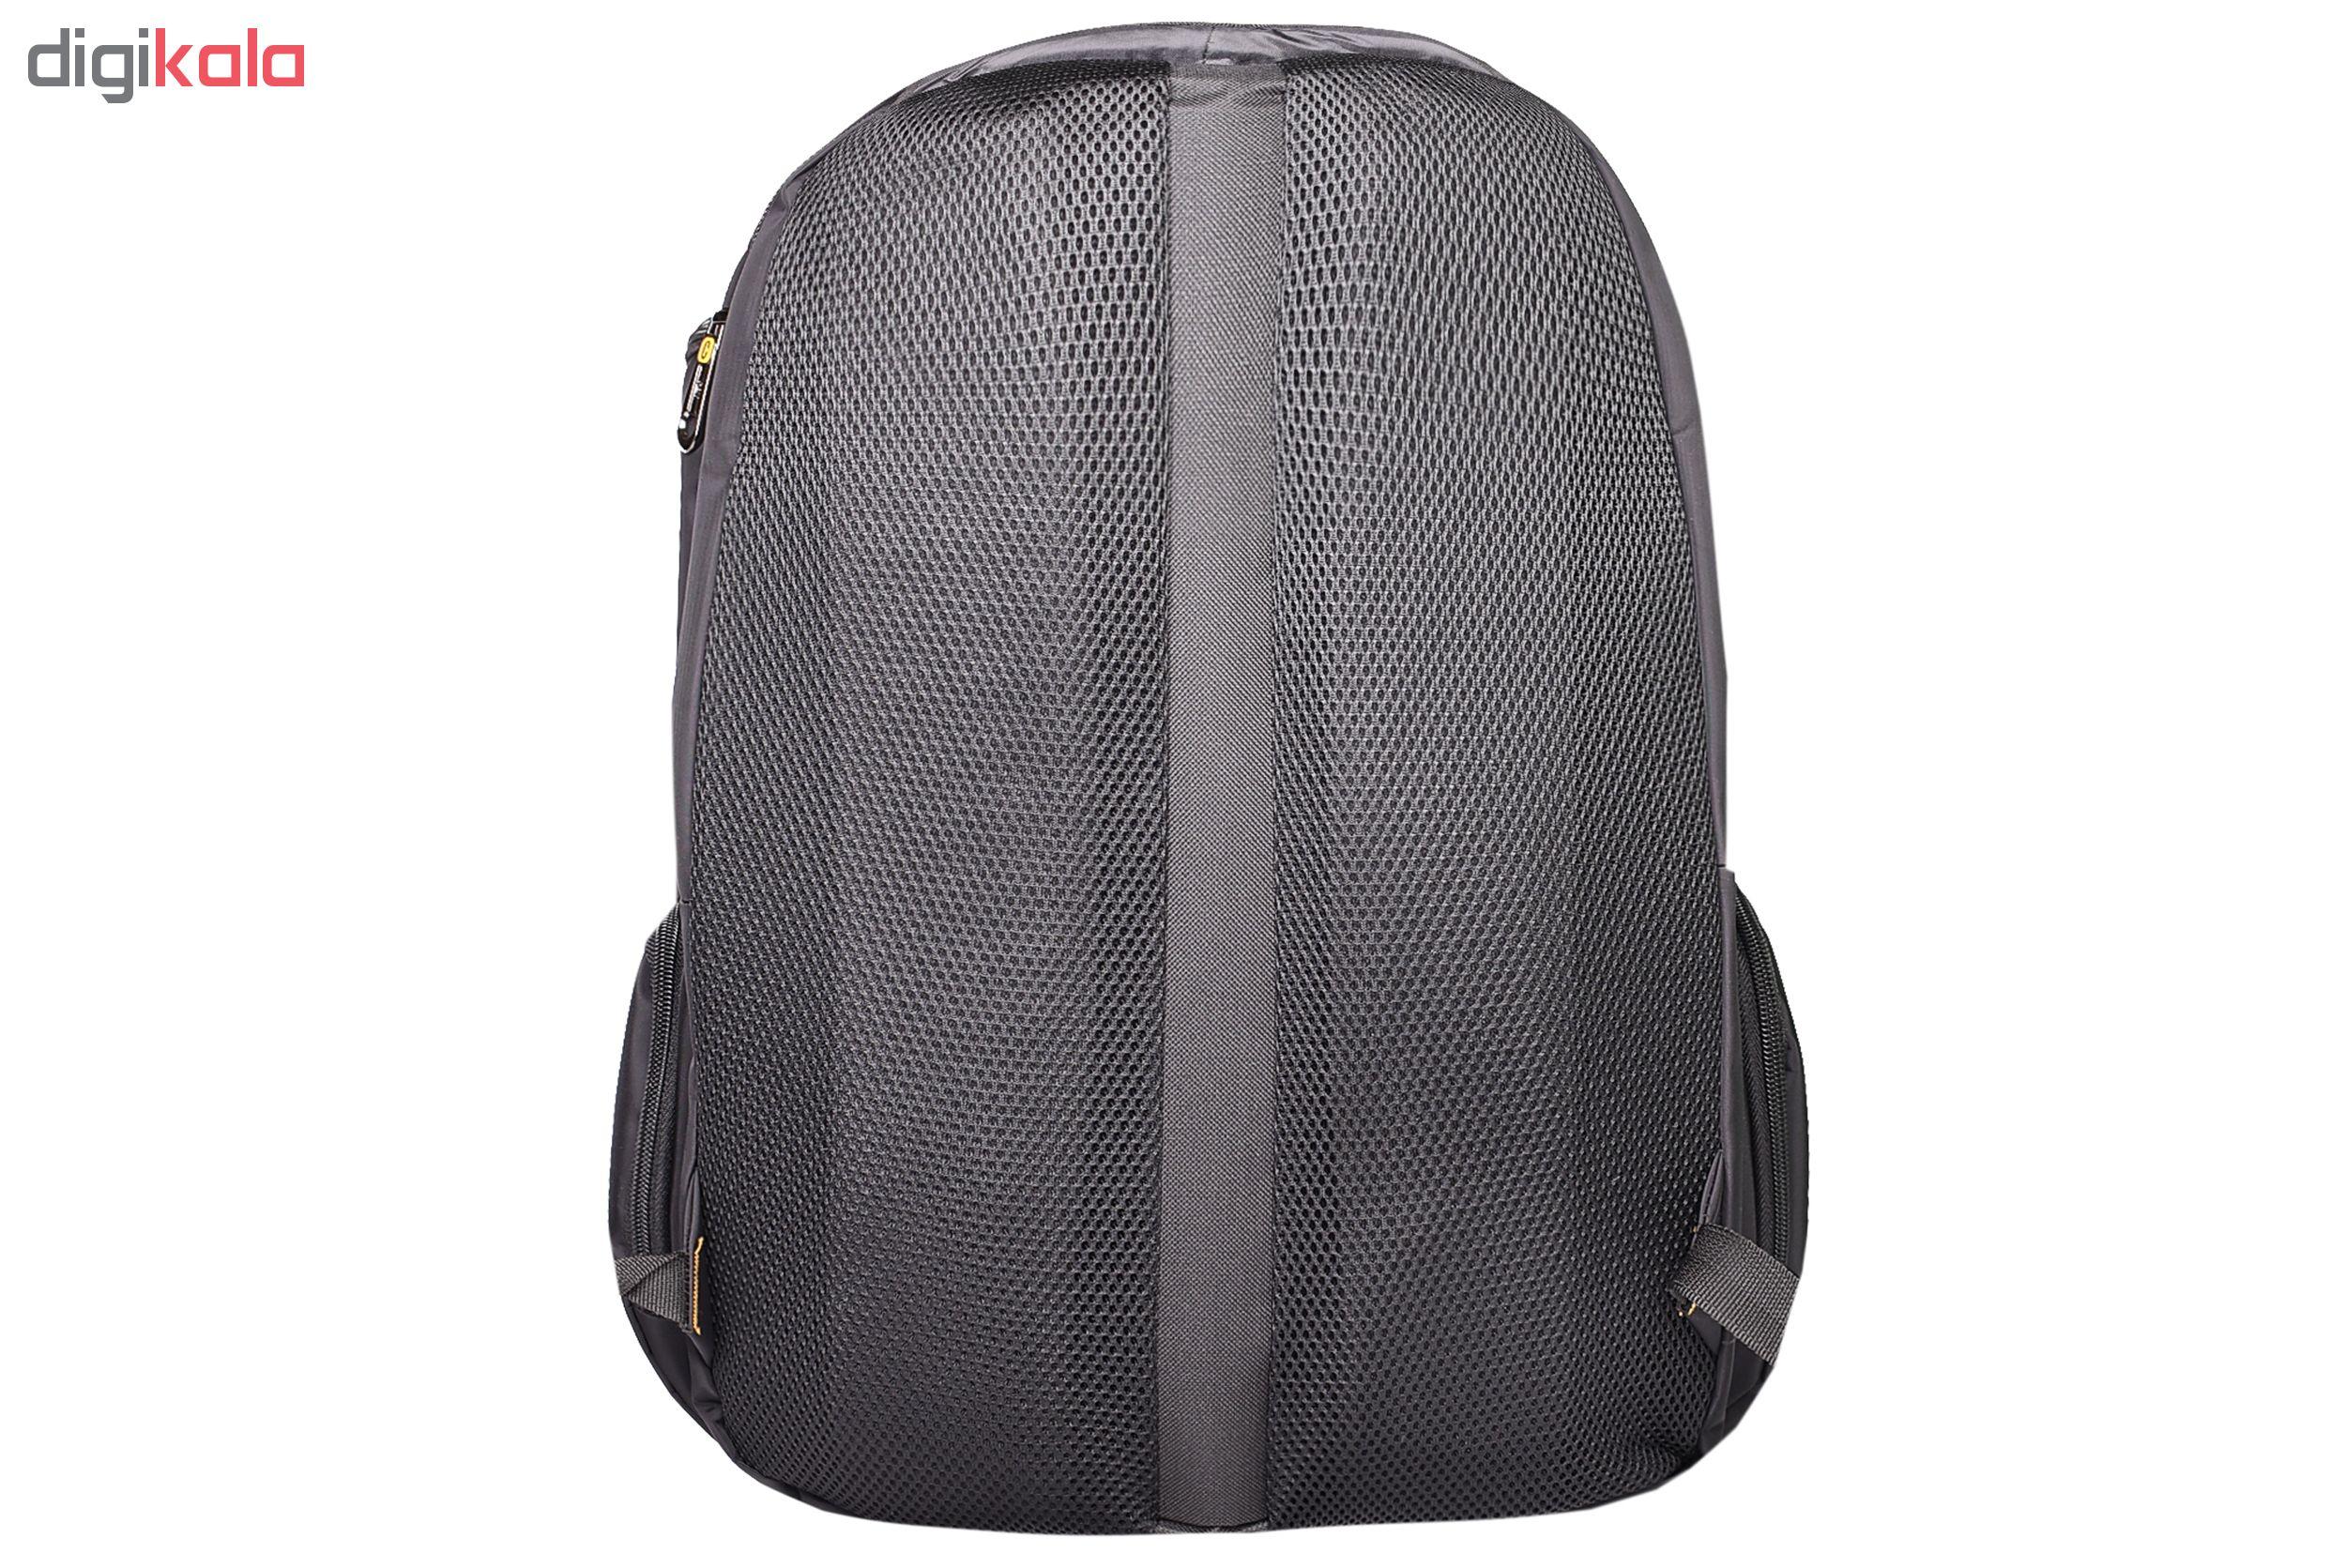 کوله پشتی لپ تاپ مدل HH 4260 مناسب برای لپتاپ 15.6 اینچی